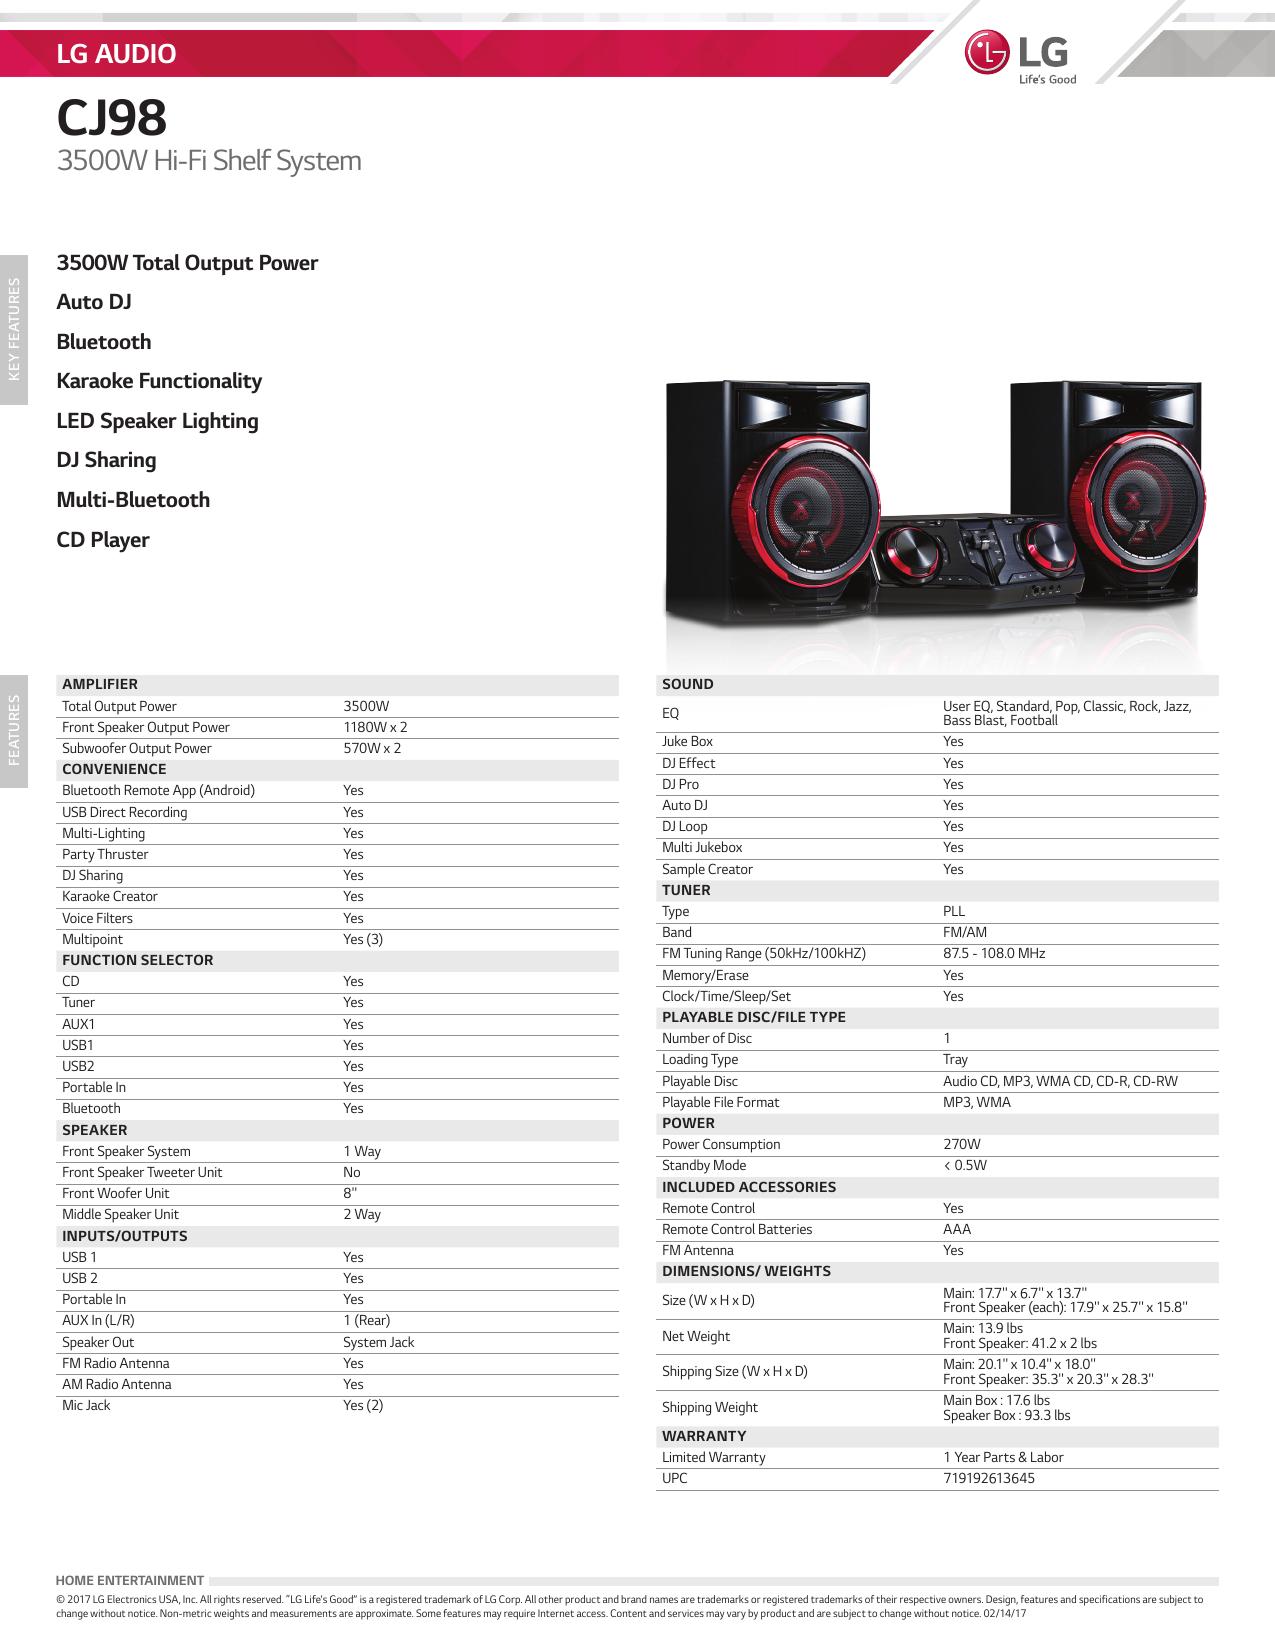 LG 3500W Hi-Fi Shelf Speaker System Specs - Rent-A